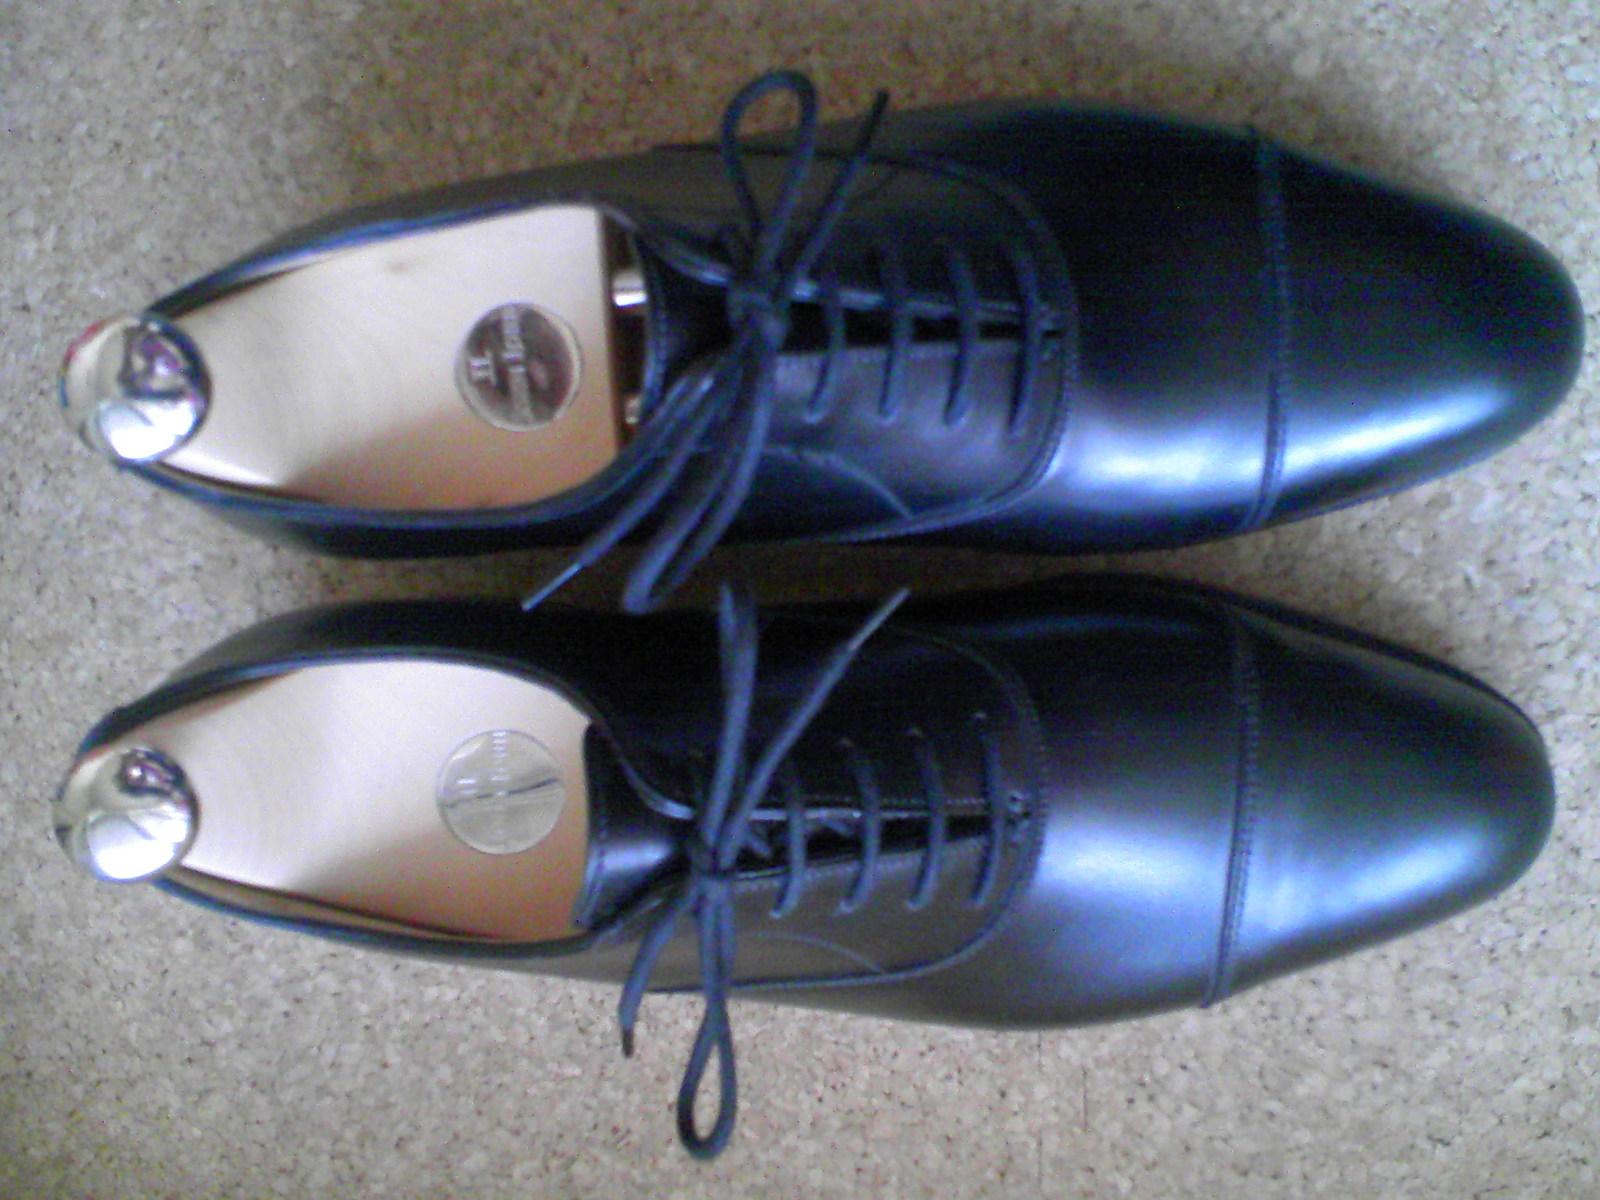 ジョン・ロブのシティ2です。 革靴のローテーション: ジョン・ロブ